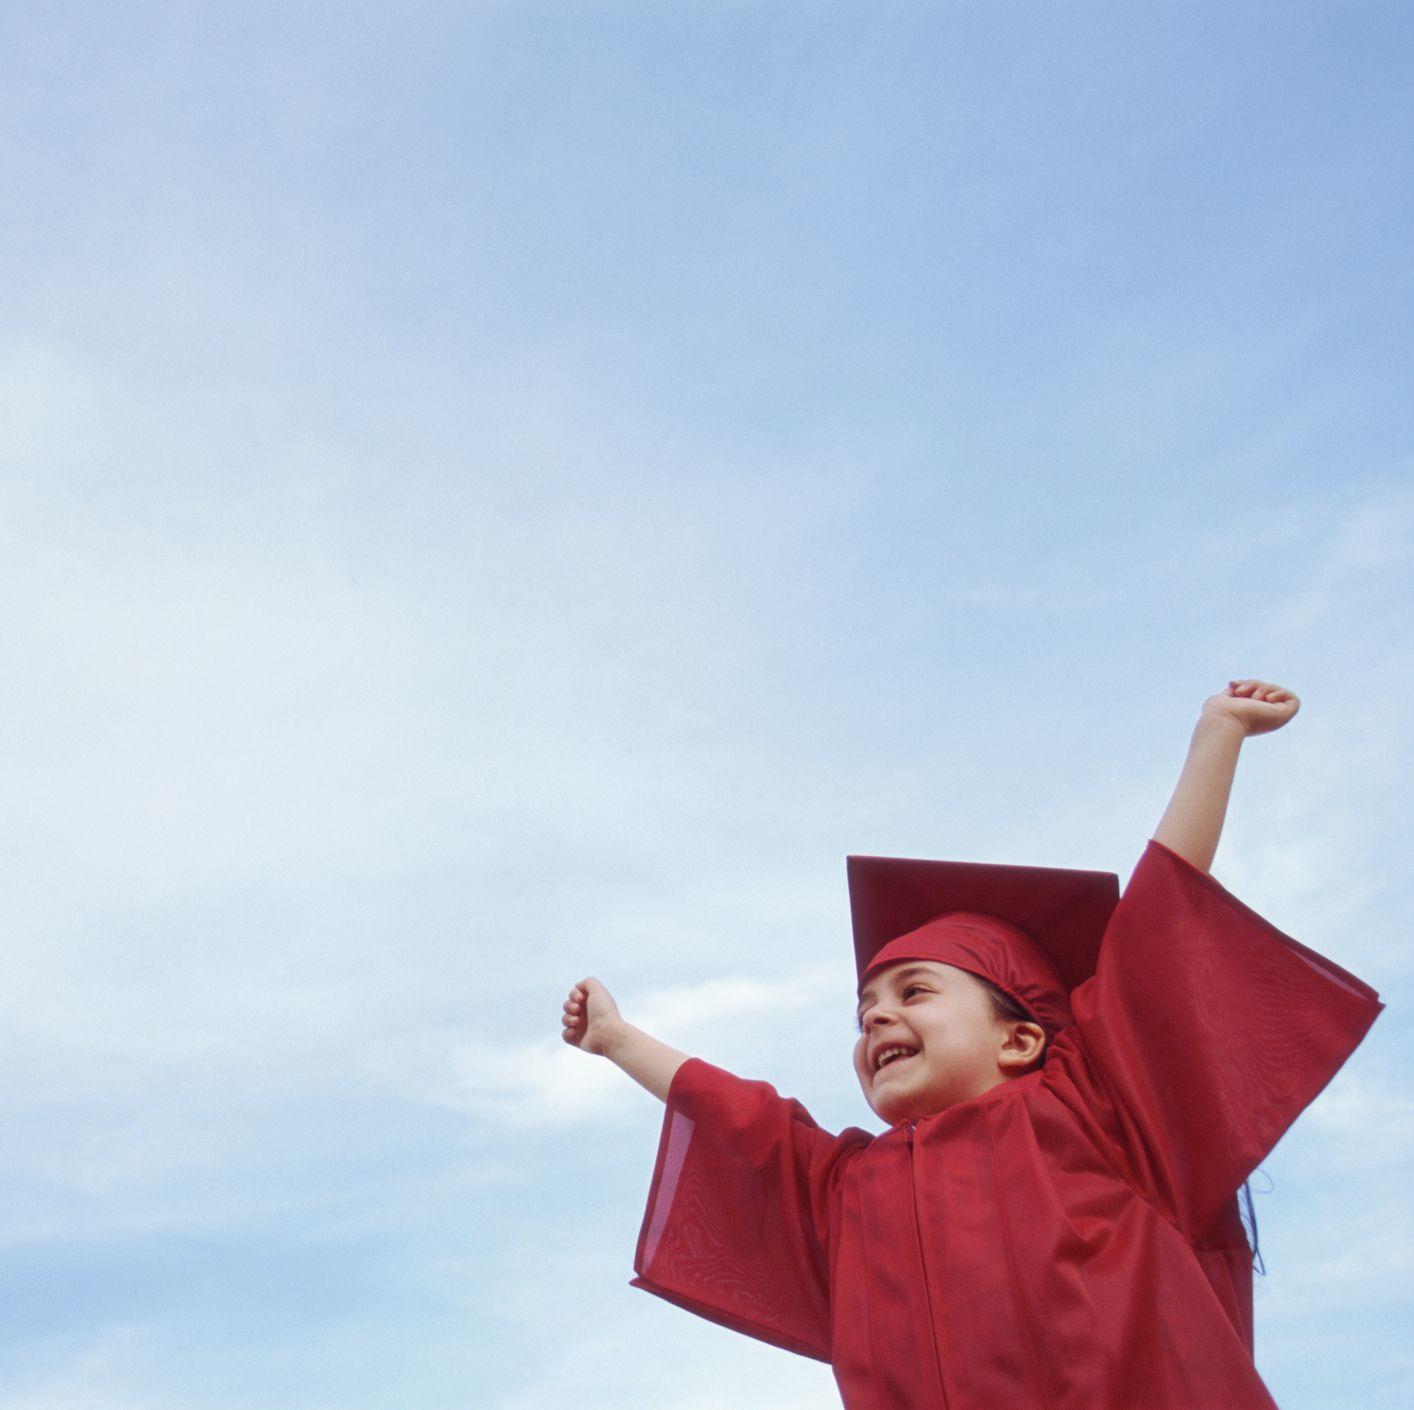 The 15 Best Gifts for Kindergarten Graduation